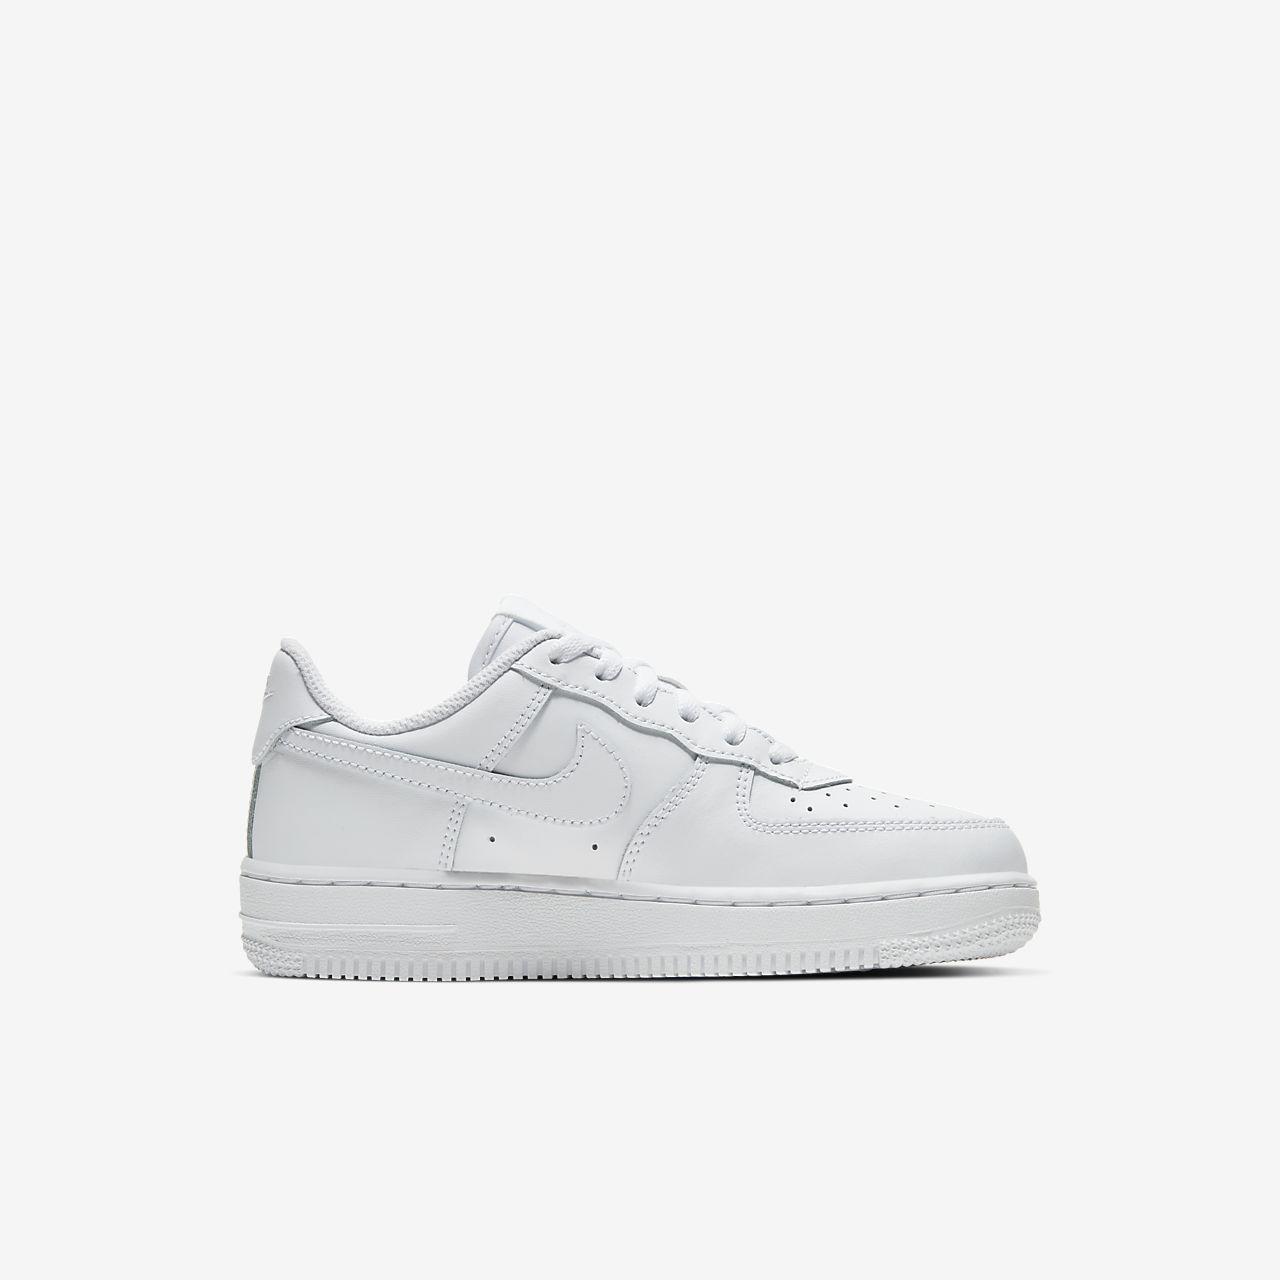 f7de3155af4 Low Resolution Nike Force 1 Little Kids  Shoe Nike Force 1 Little Kids  Shoe